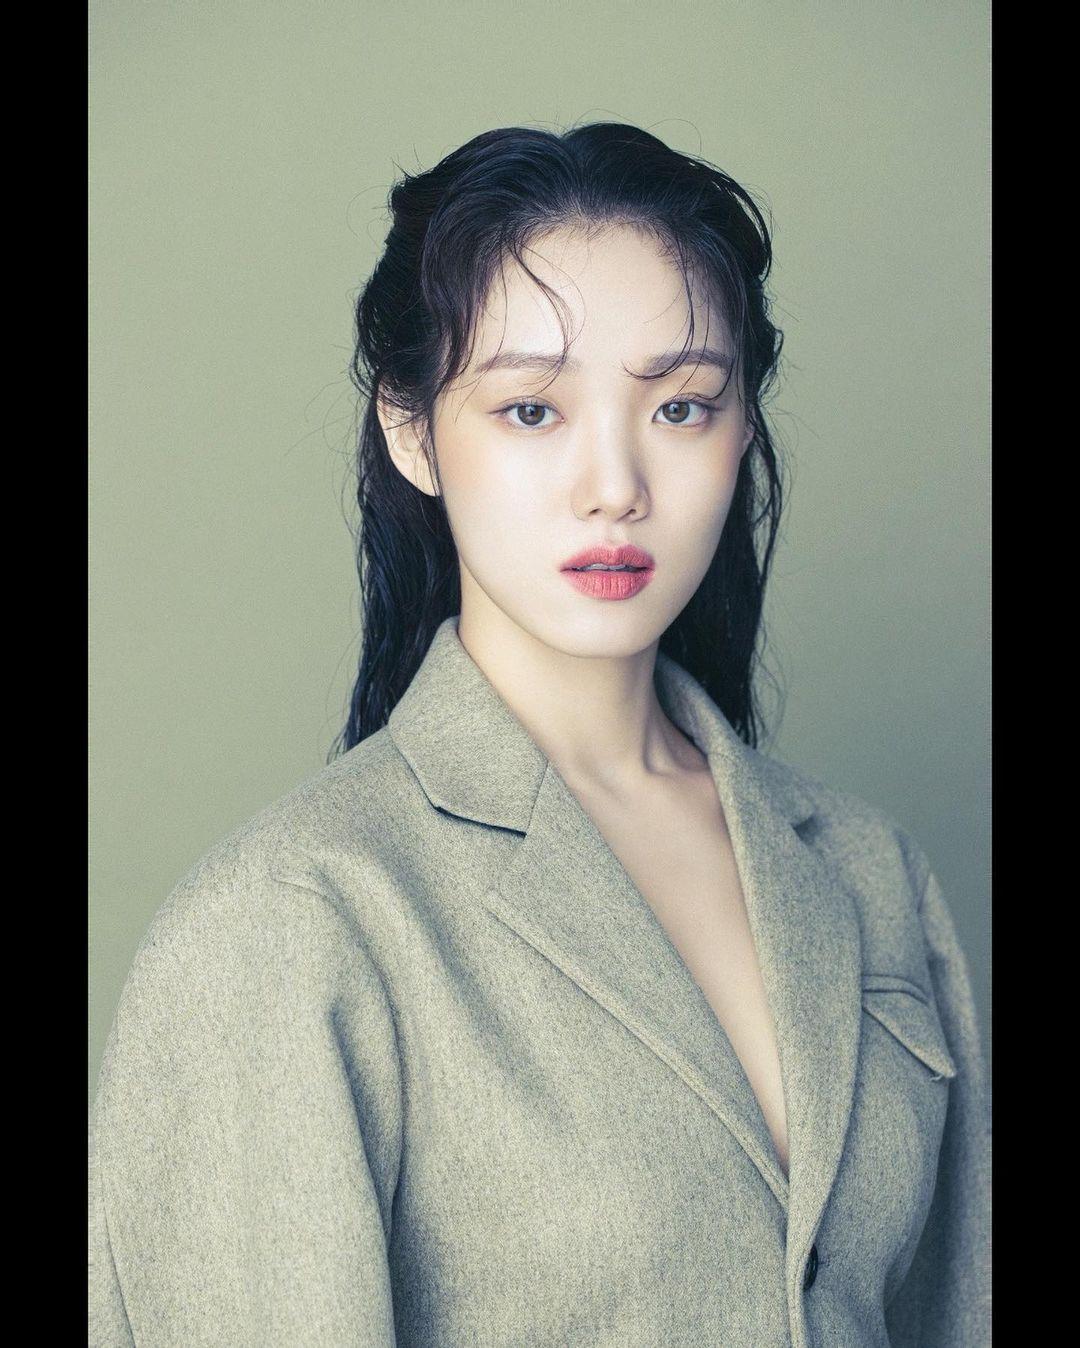 11 Aktris Korea Yang Semakin Bersinar, Padahal Dulunya Model 13